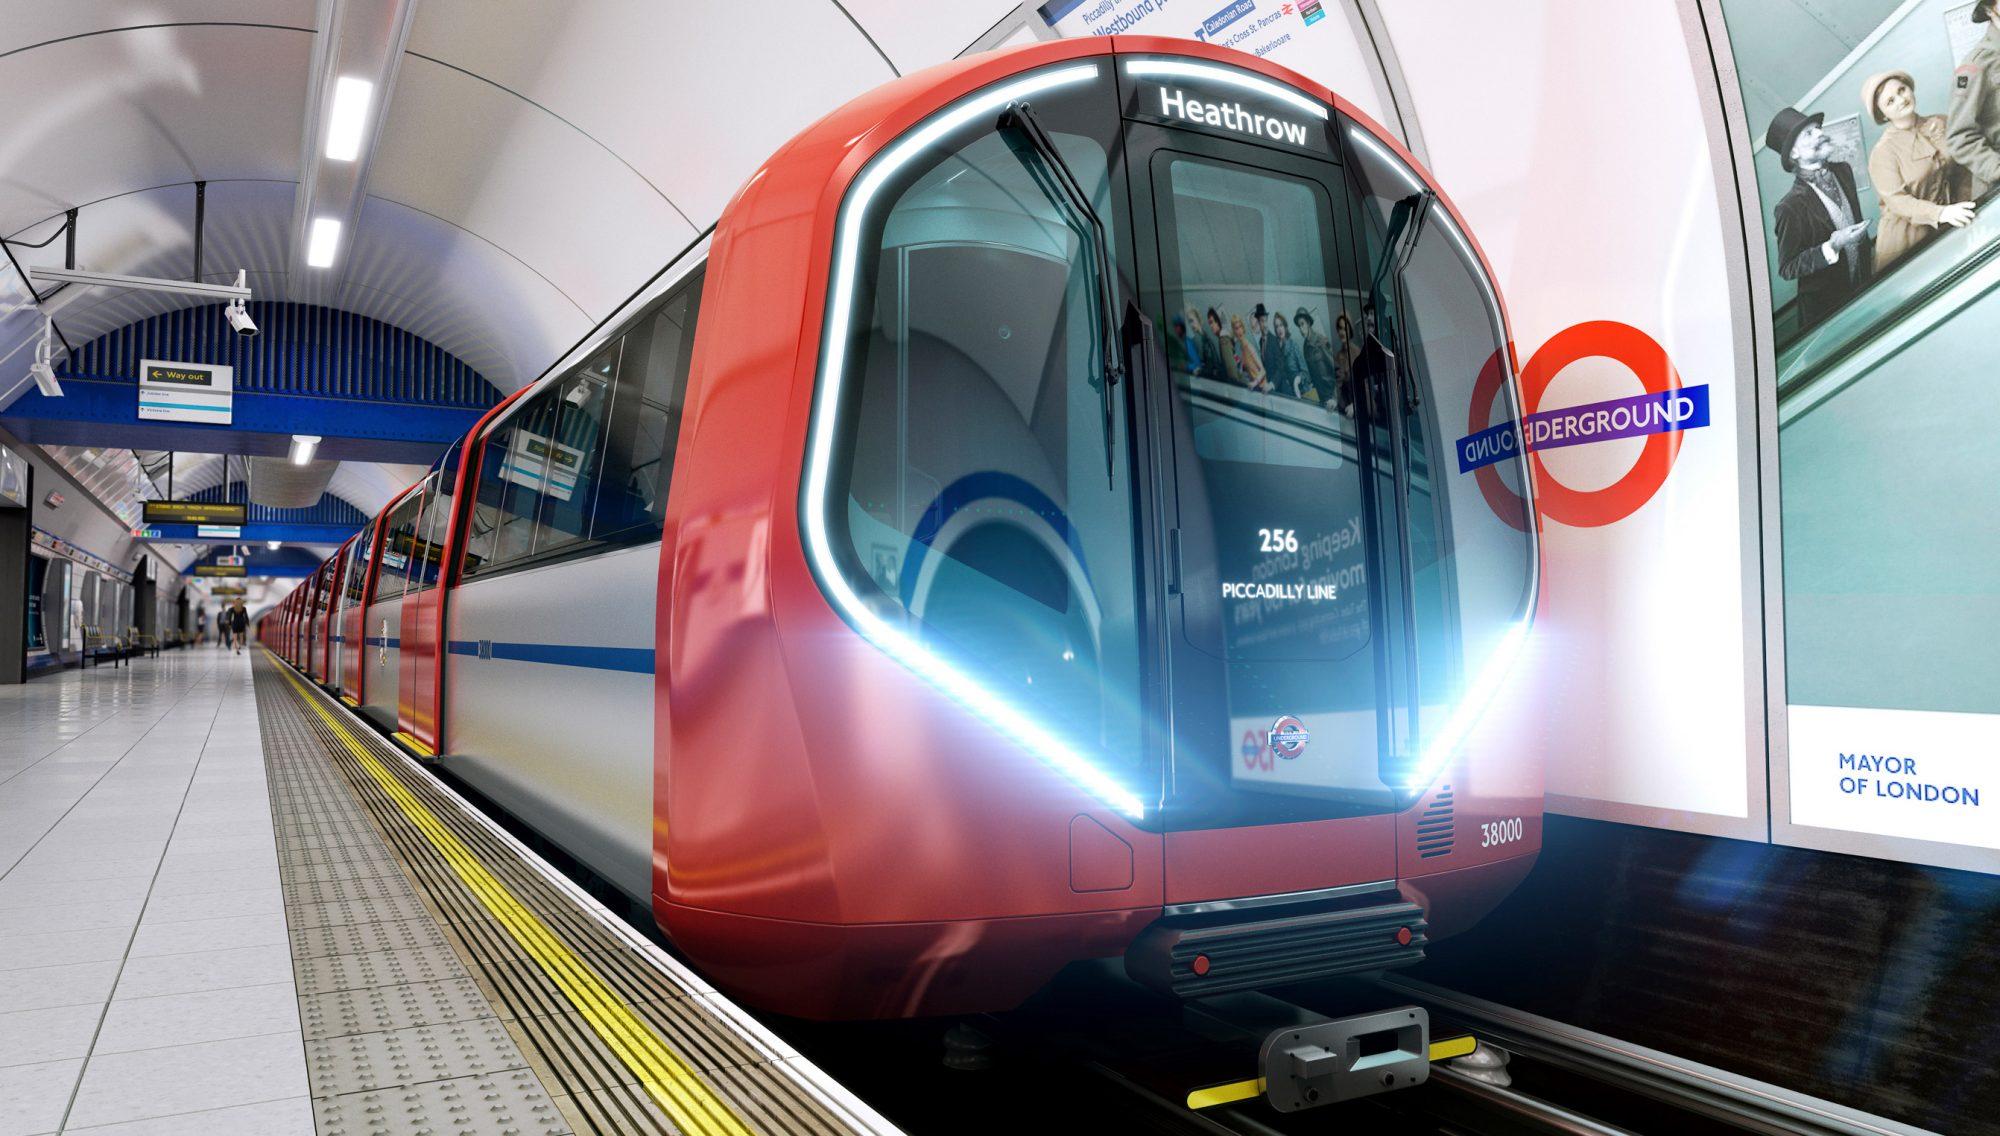 Les métros anglais vont produire de l'électricité